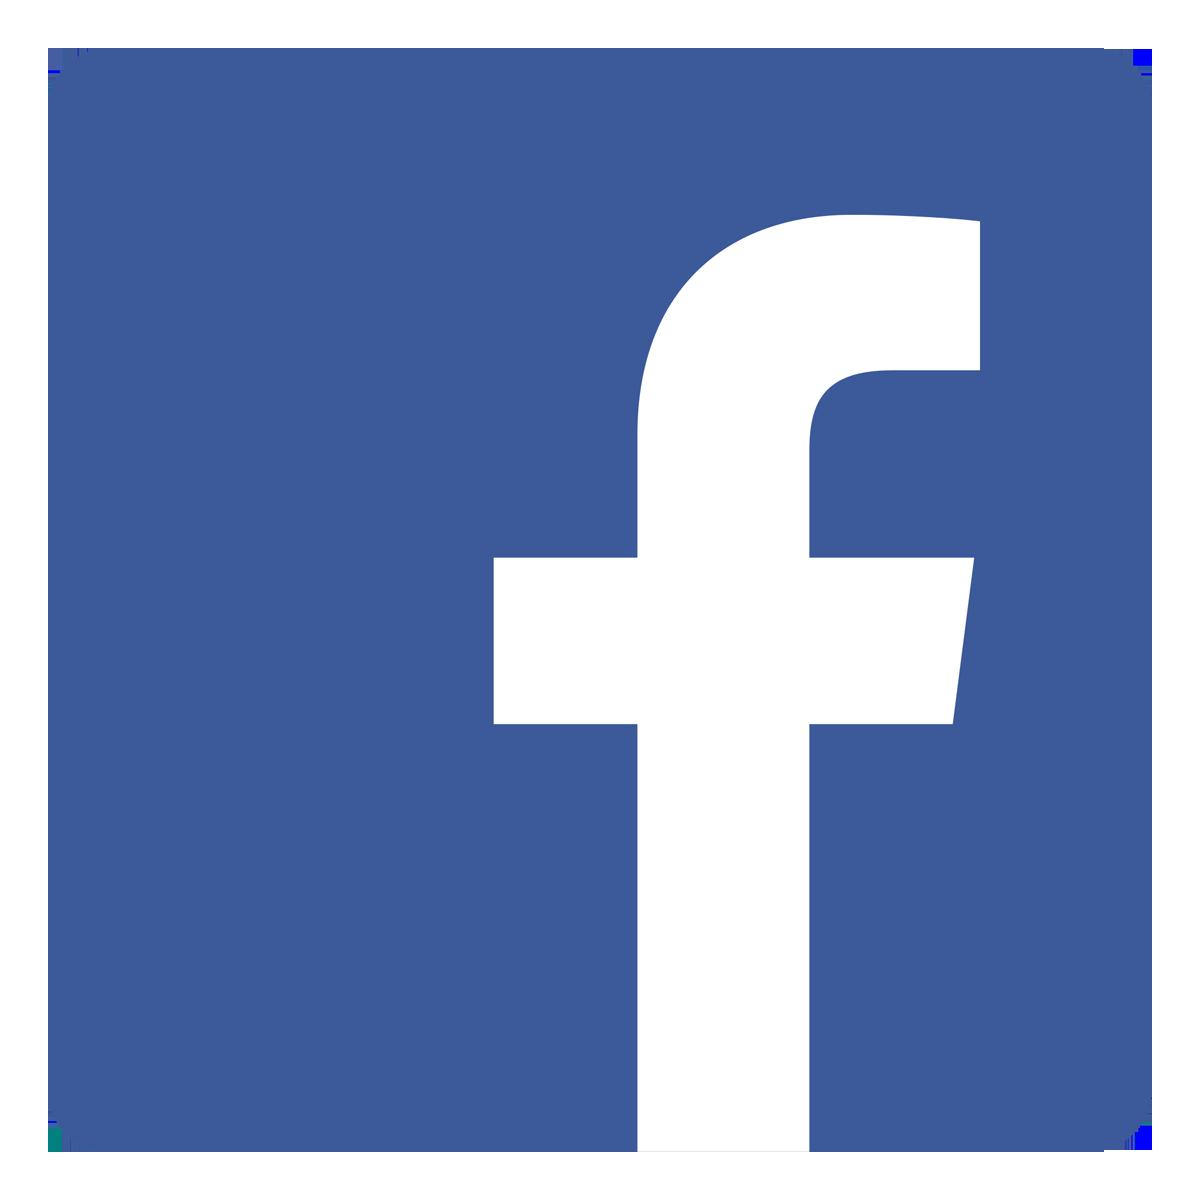 Facebook jobs logo